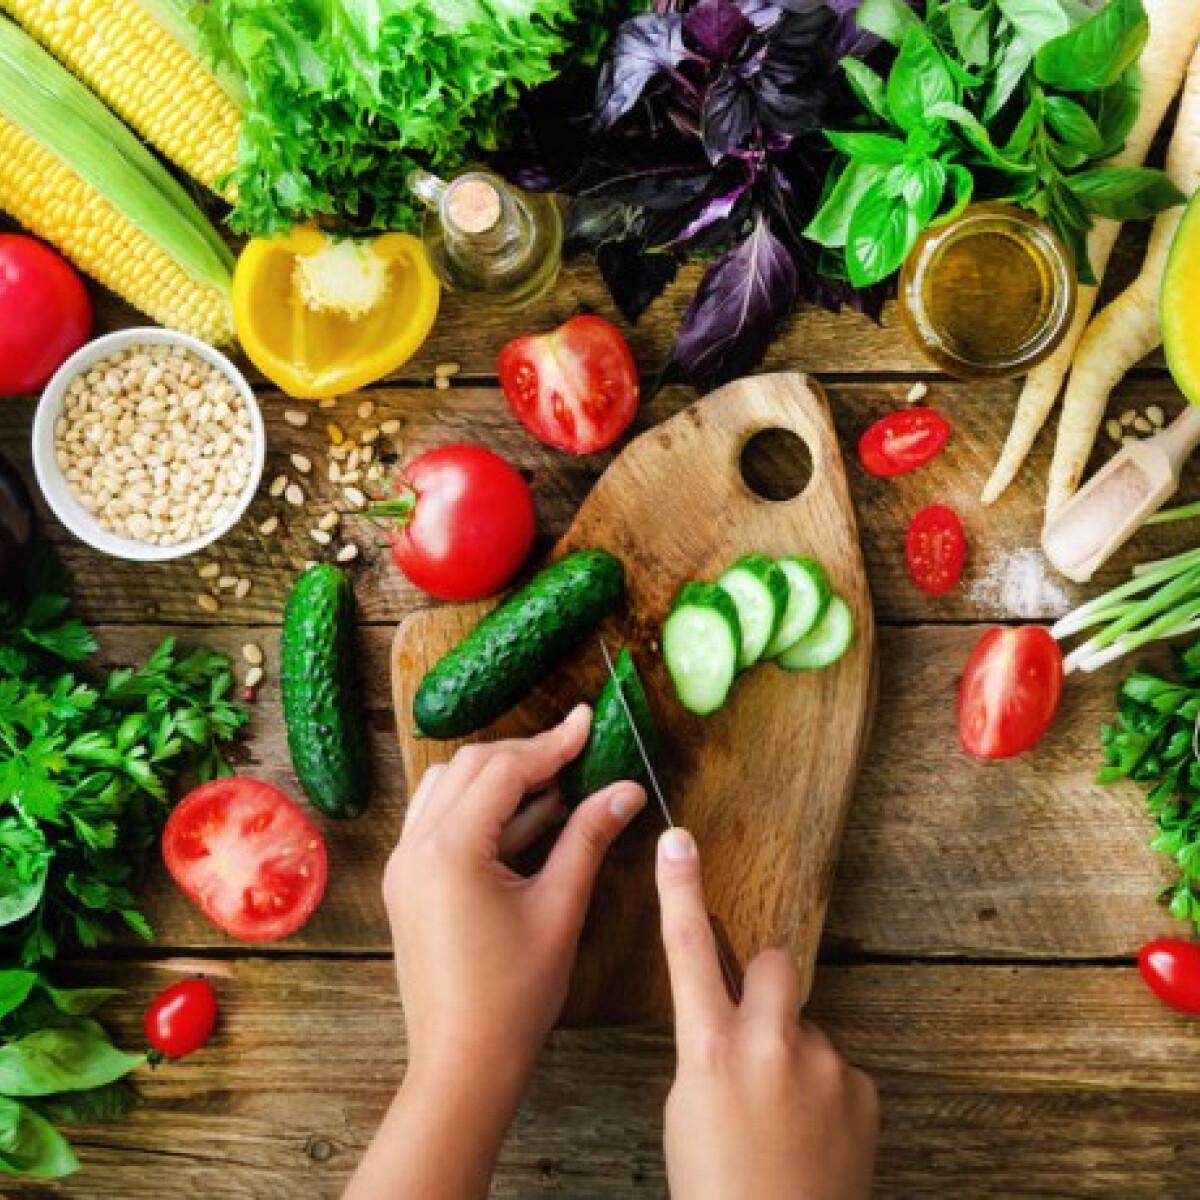 Puffaszt a sok zöldség? 5 tipp a dietetikustól, hogy ne érezd tőlük rosszul magad